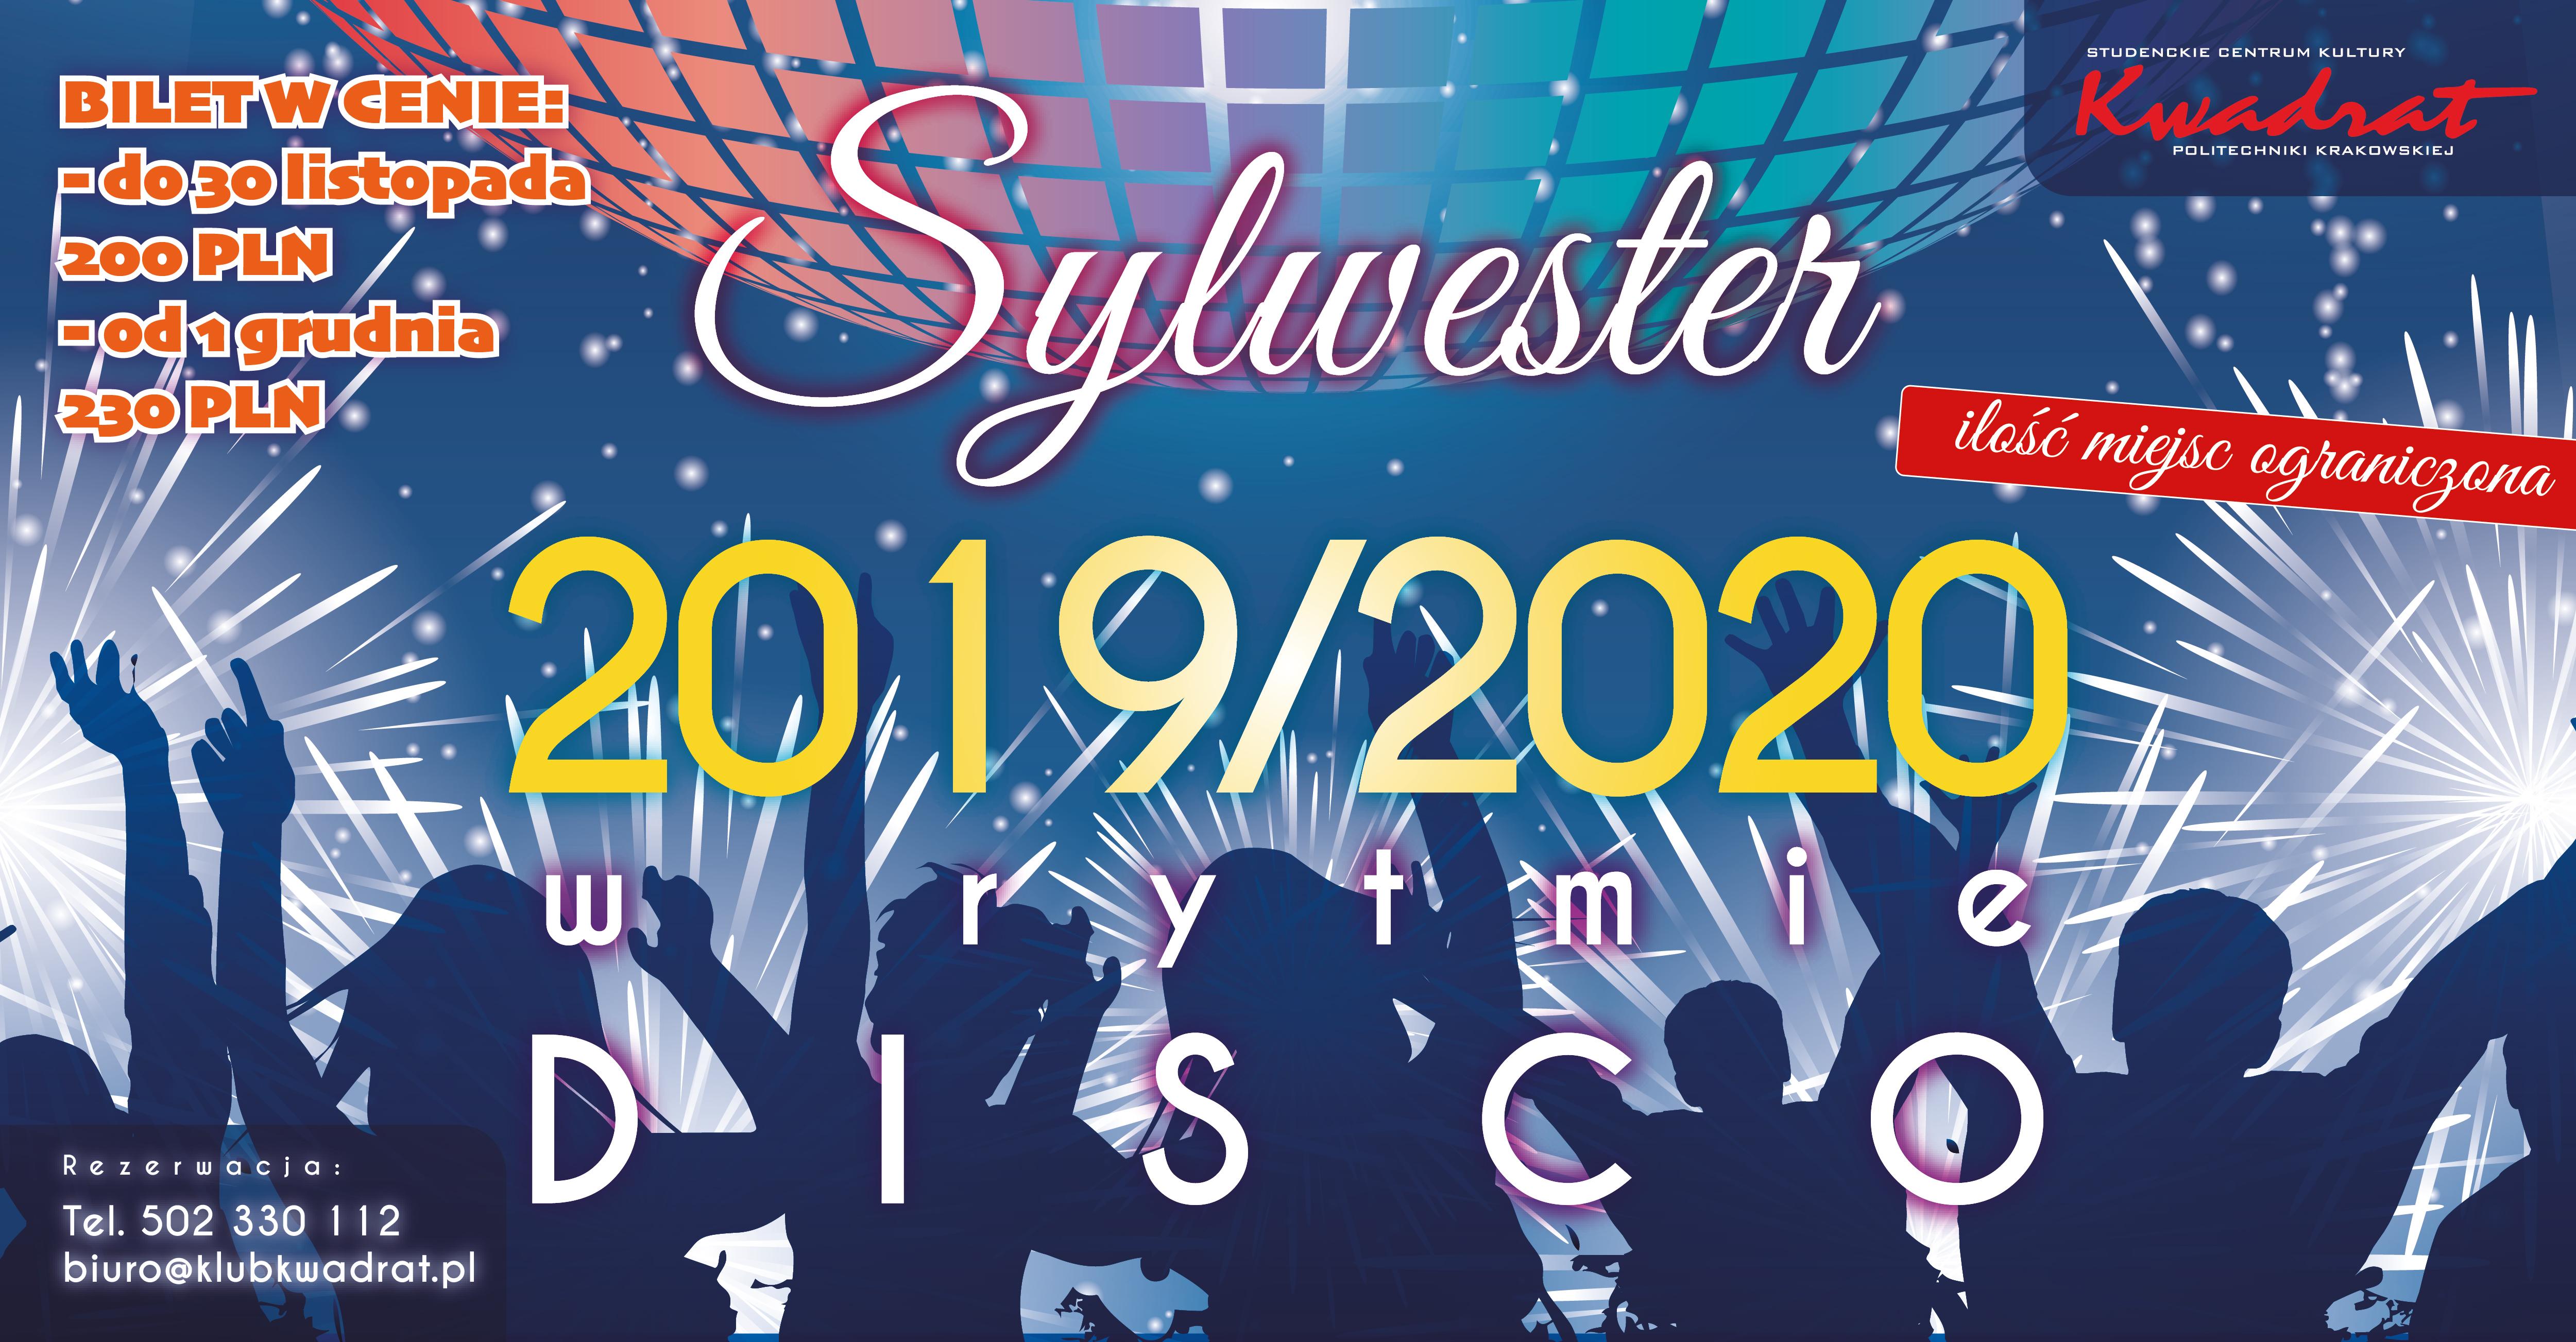 WYPRZEDANY!!!! Sylwester 2019/2020 w rytmie disco